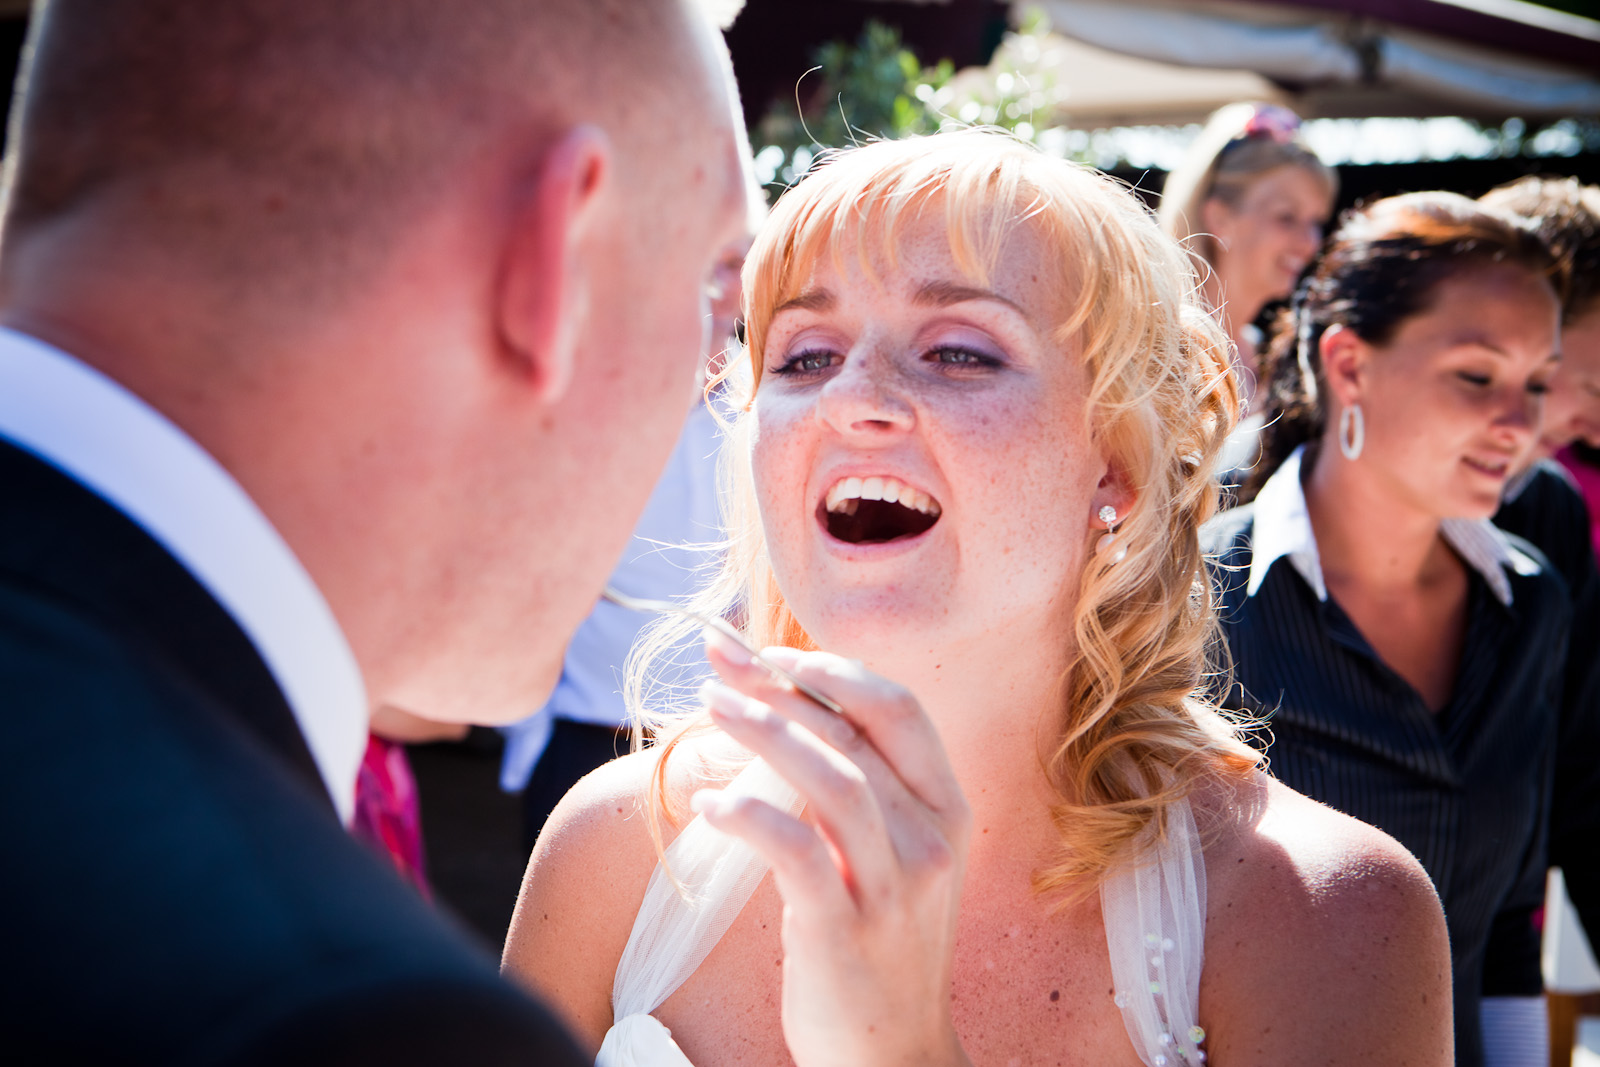 trouwshoot-bruidsfotografie-trouwfoto-feestfotografie-trouwreportage-Alex en Evelyn530.jpg